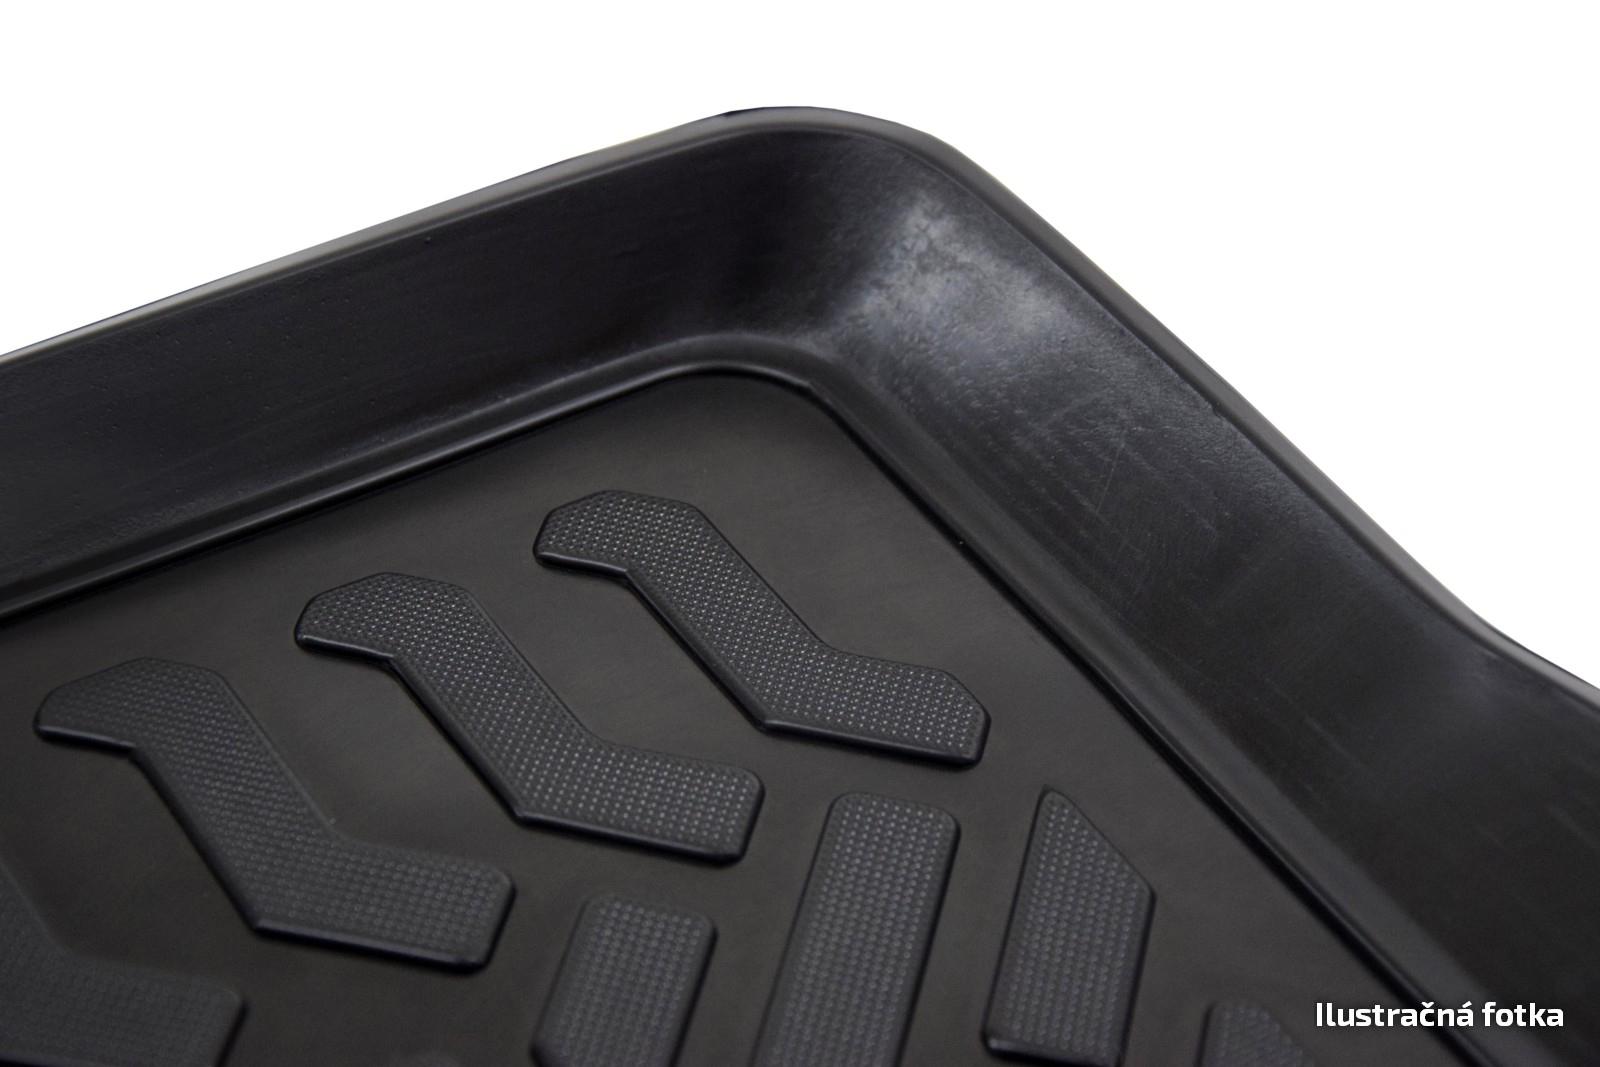 Poza cu Covorase din cauciuc tip tavita Premium, Hyundai Getz, 2002-2011